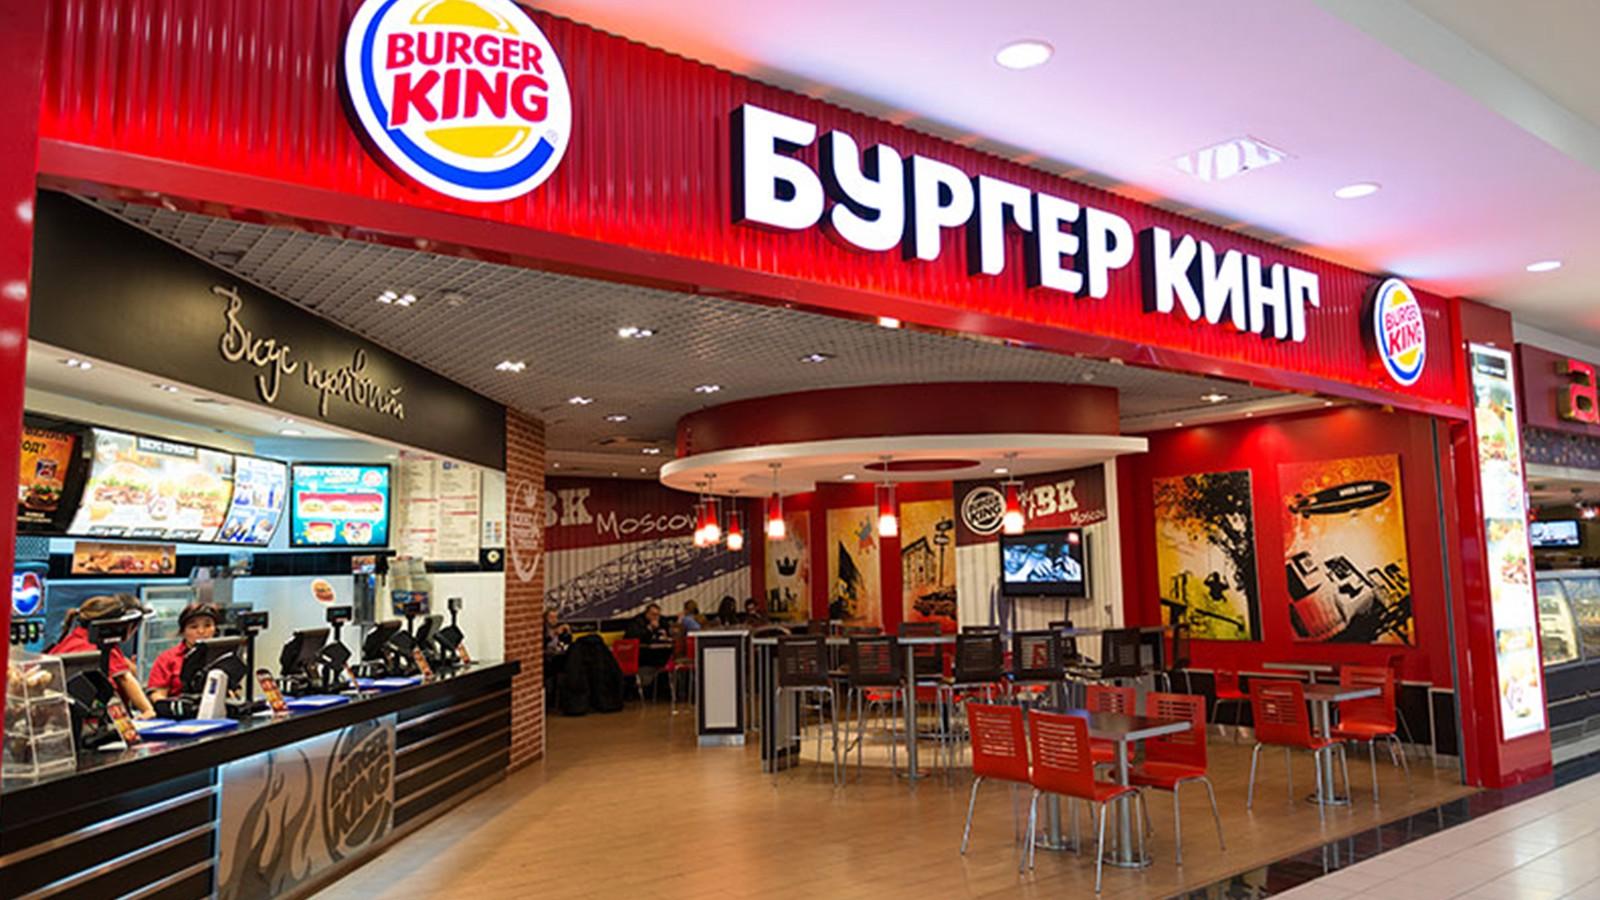 1ea3be54ba6e4 «Московское УФАС России возбудило дело в отношении Burger King за  непредставление информации по запросу антимонопольного ведомства», —  говорится в сообщении ...